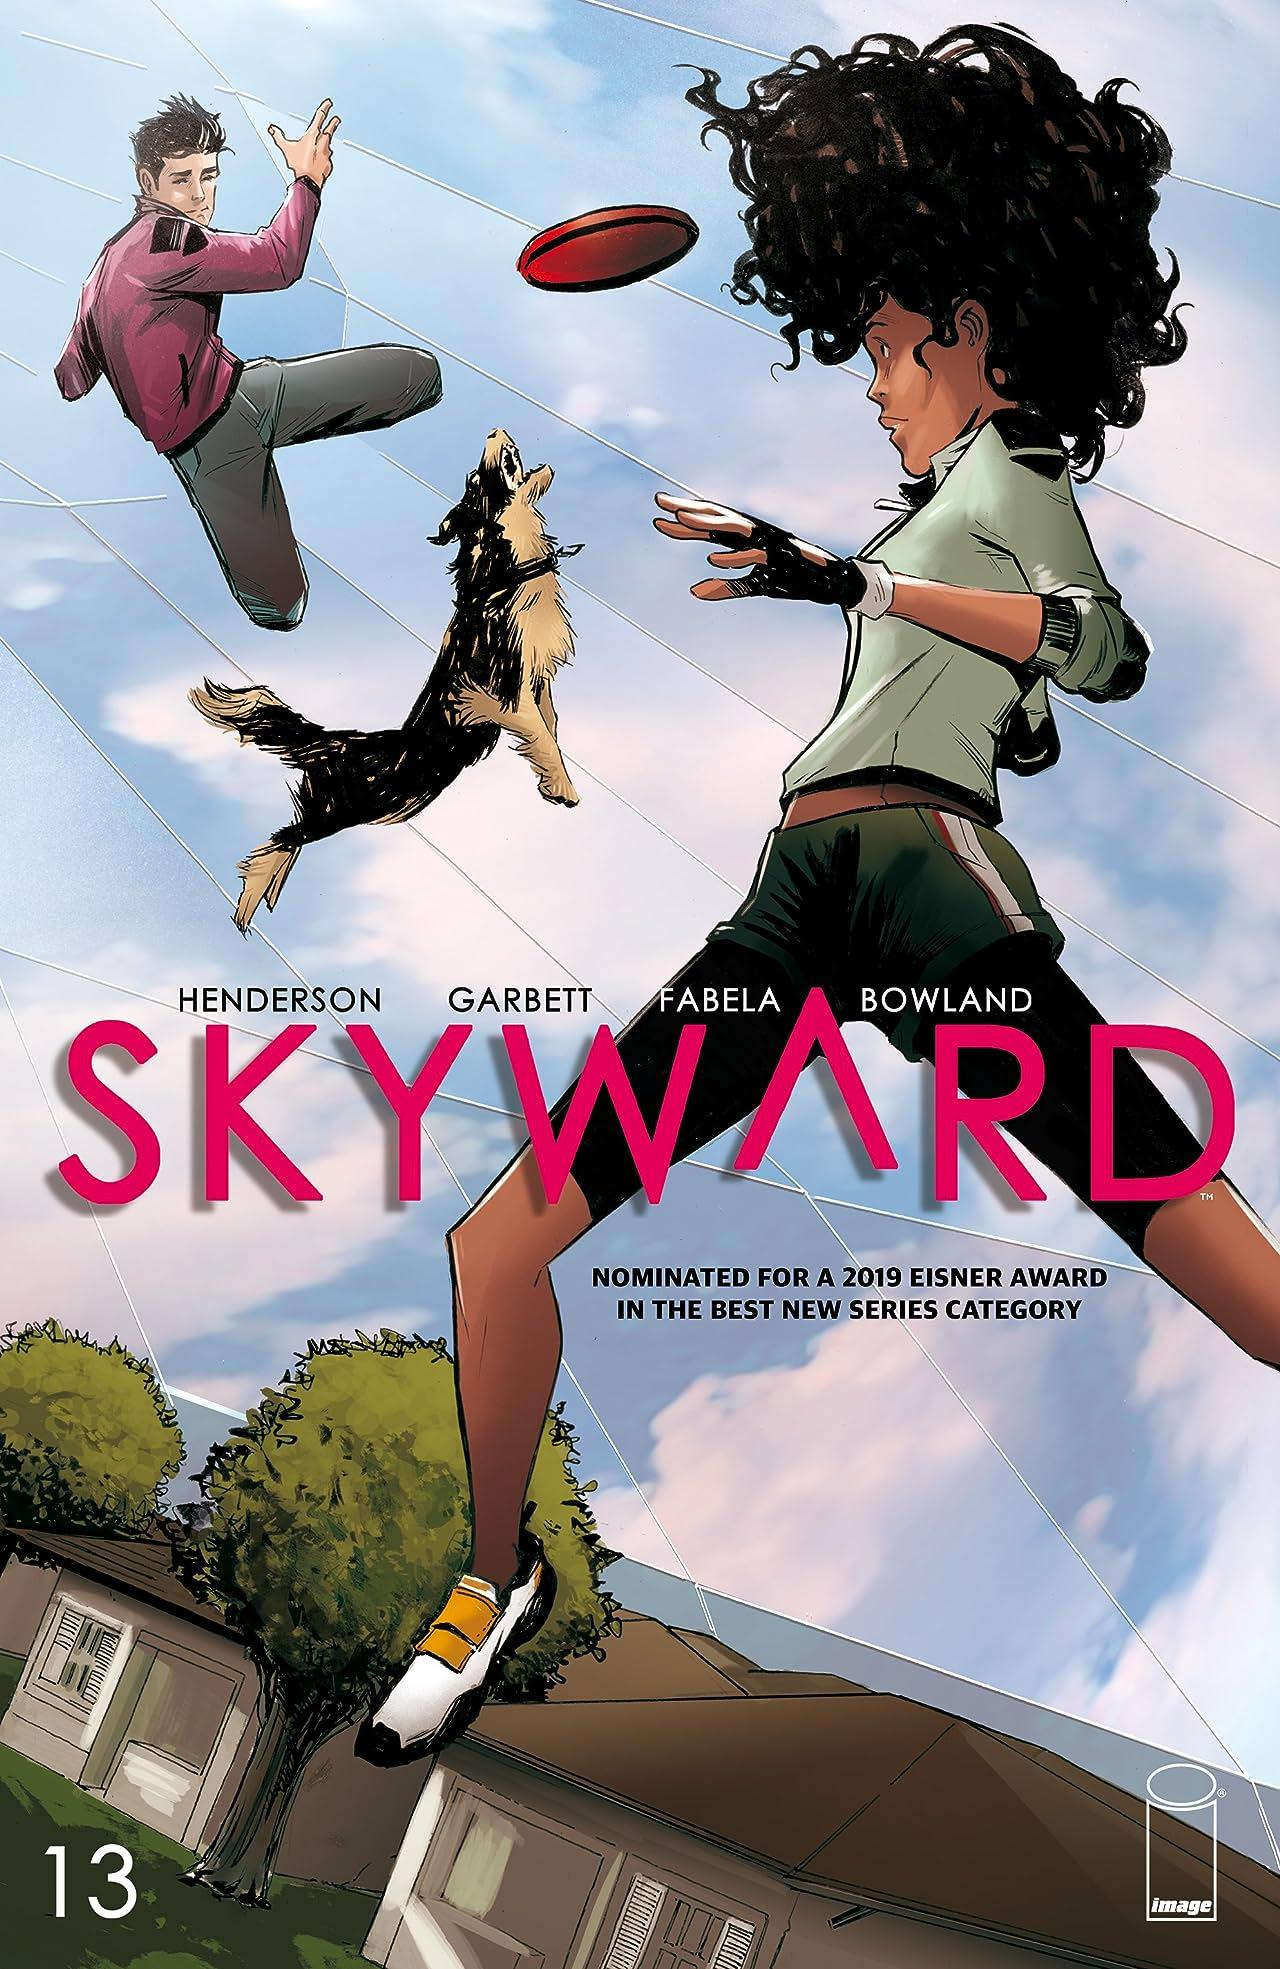 Skyward #13